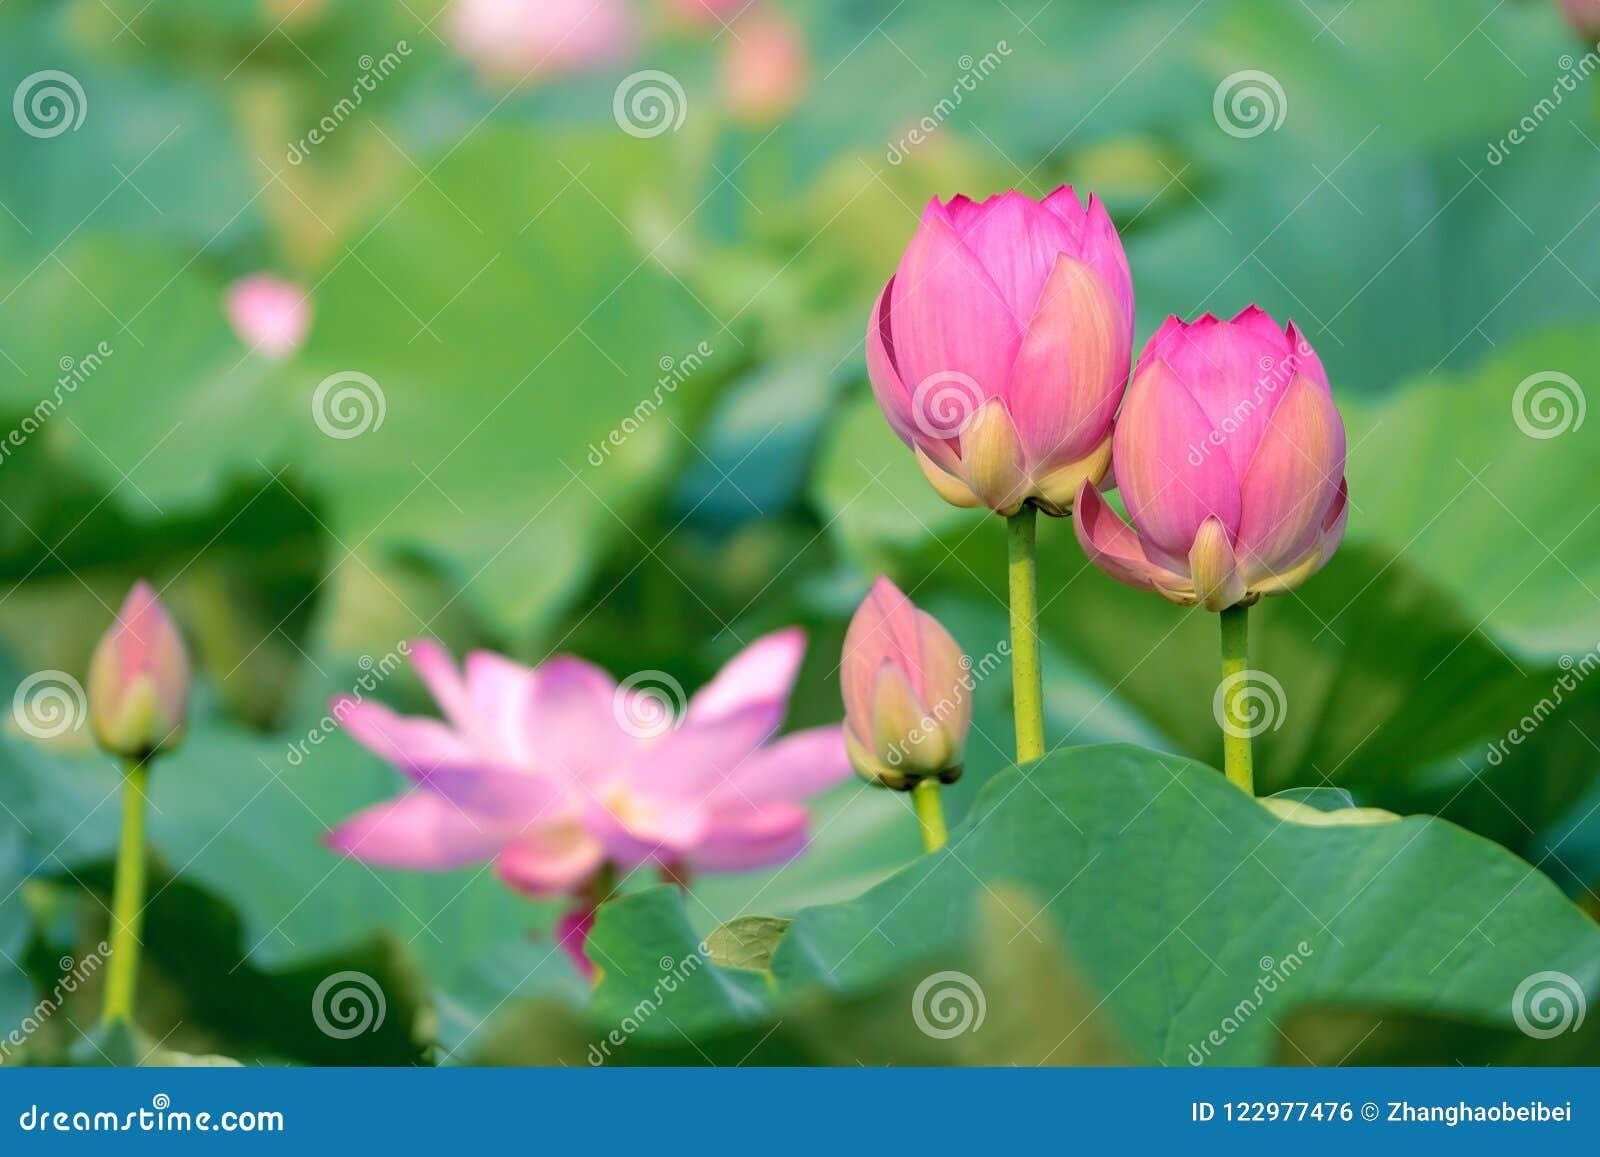 Ilustración Del Zen De La Flor De Loto Foto De Archivo Imagen De